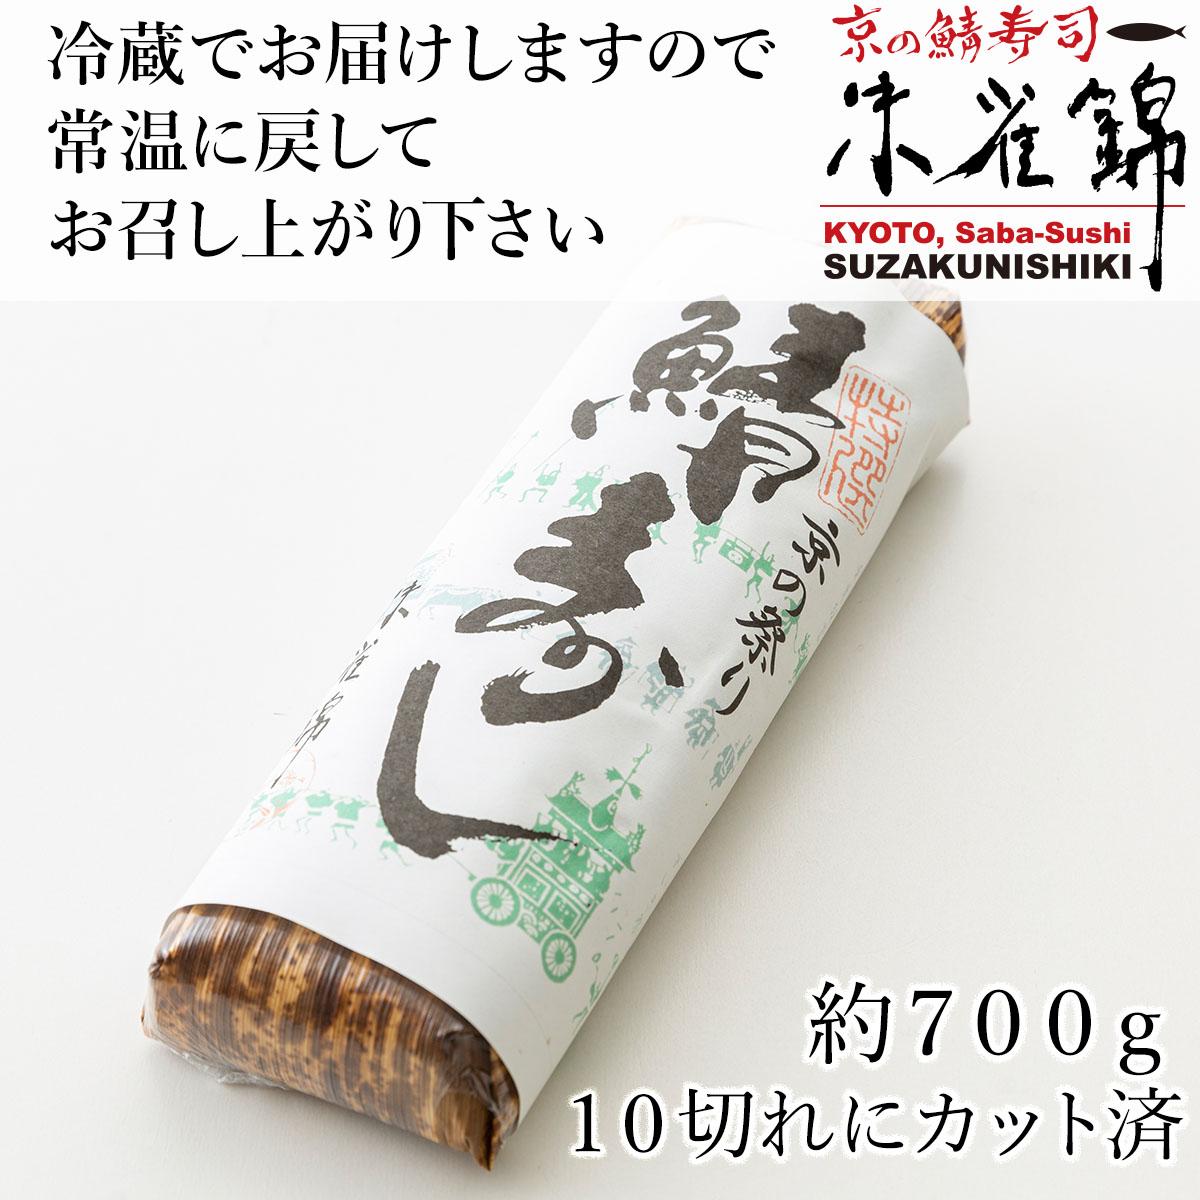 京都からコダワリの鯖寿司をお届けします。